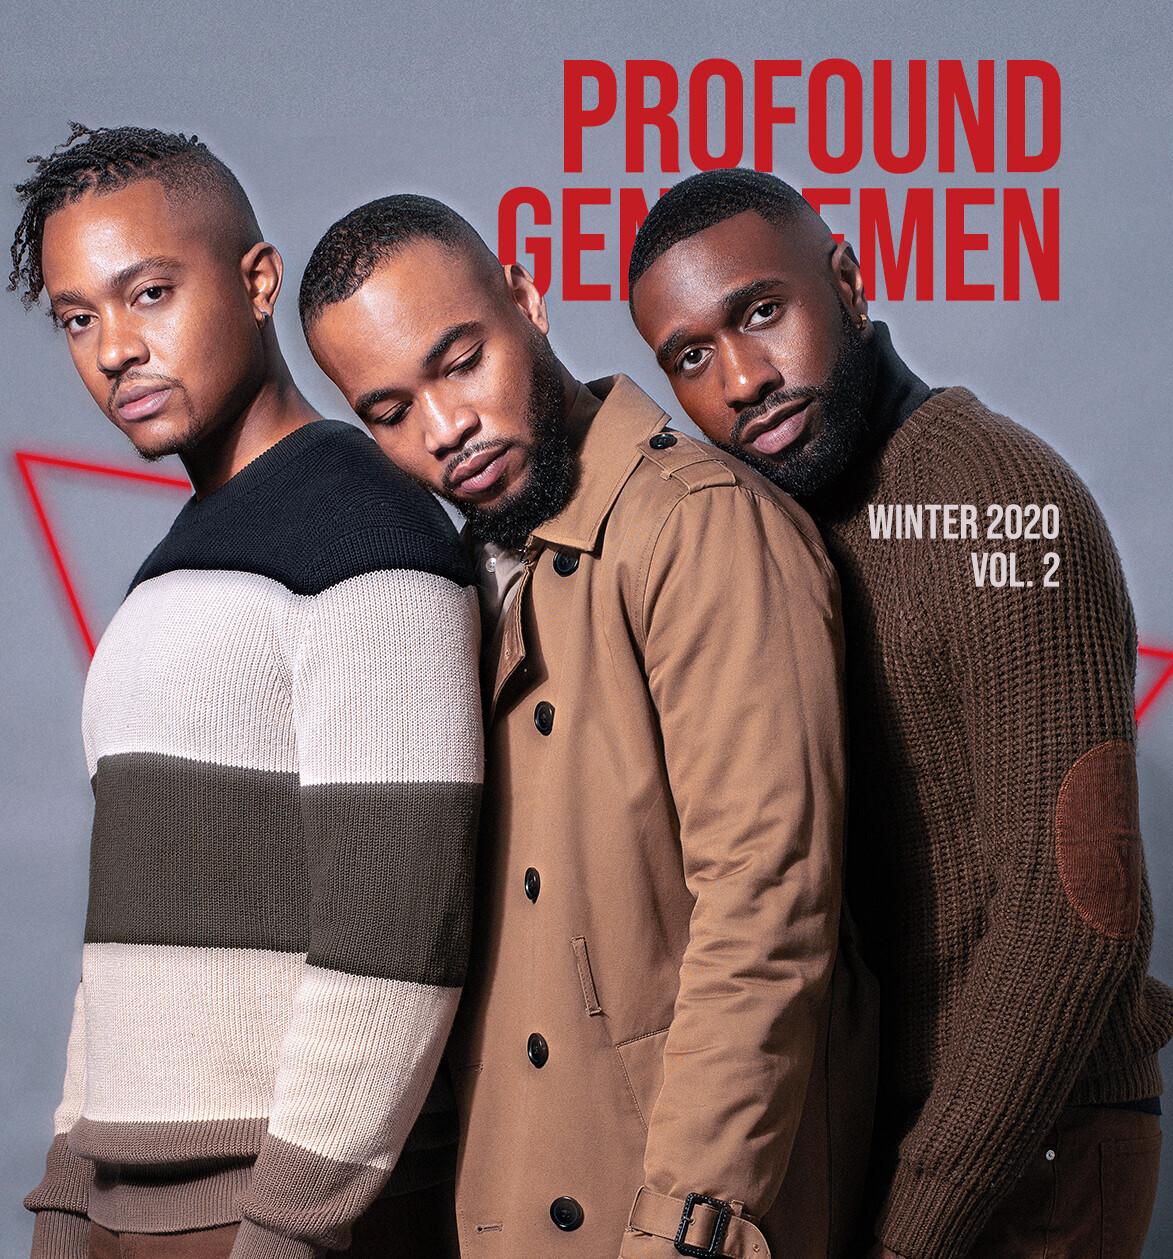 Profound Gentlemen Magazine Winter 2020